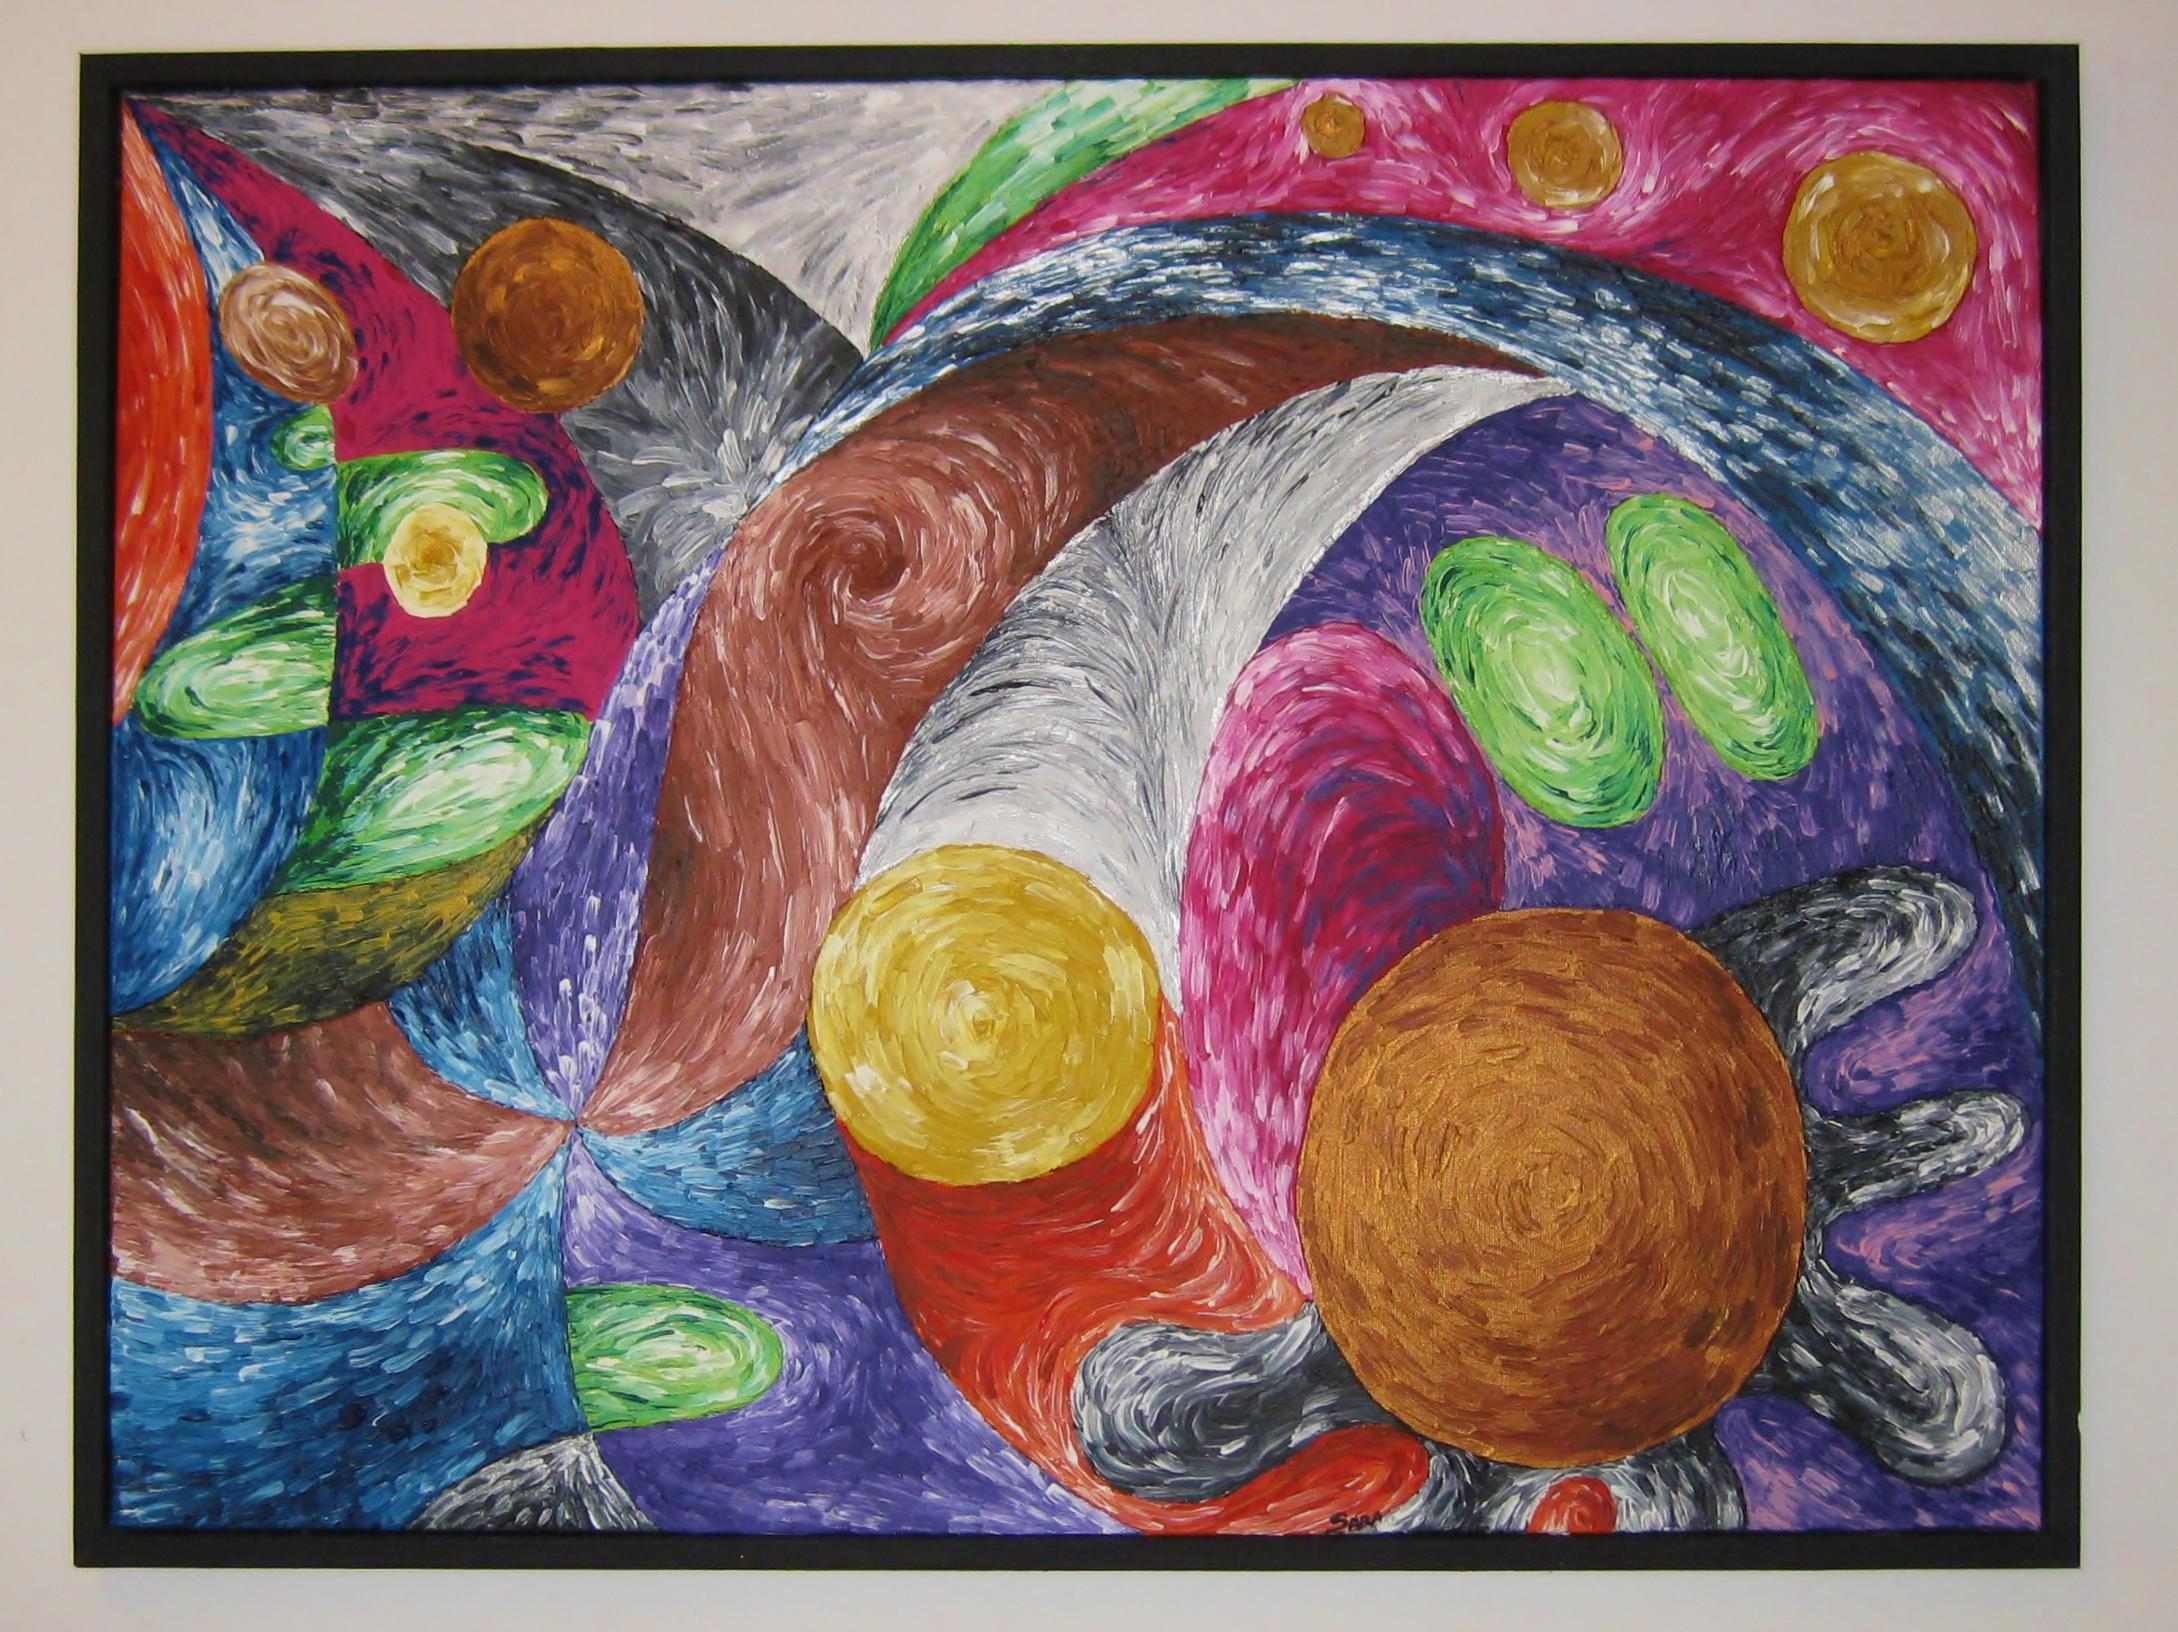 abbastanza Dipinti: olio su tela, acrilico su tavola | La Bottega delle  WT52